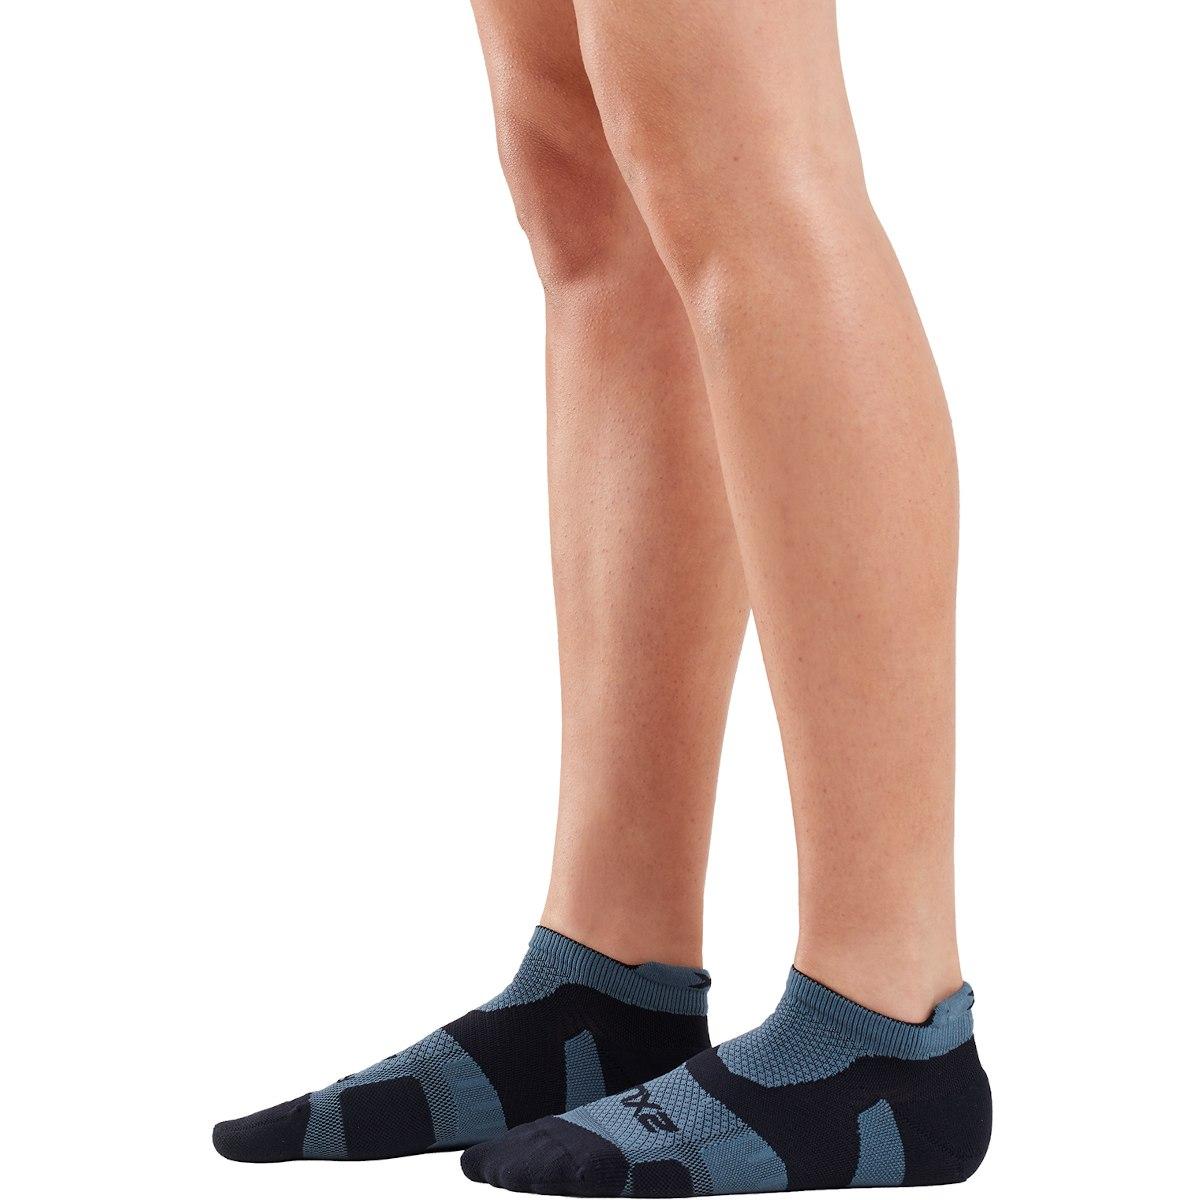 Imagen de 2XU Vectr Light Cushion No Show Socks - turbulence/black